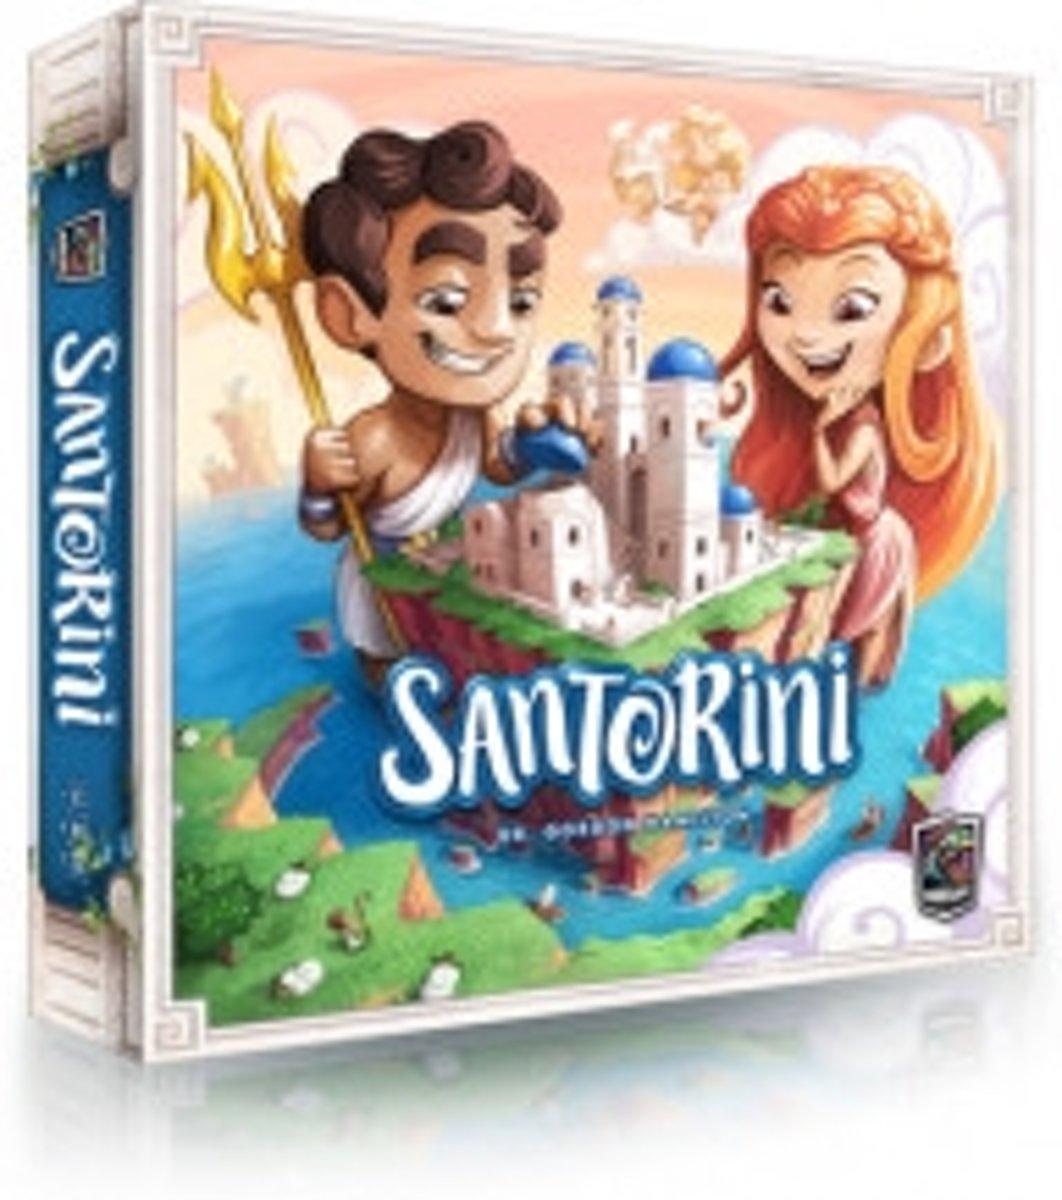 Santorini Roxley Games